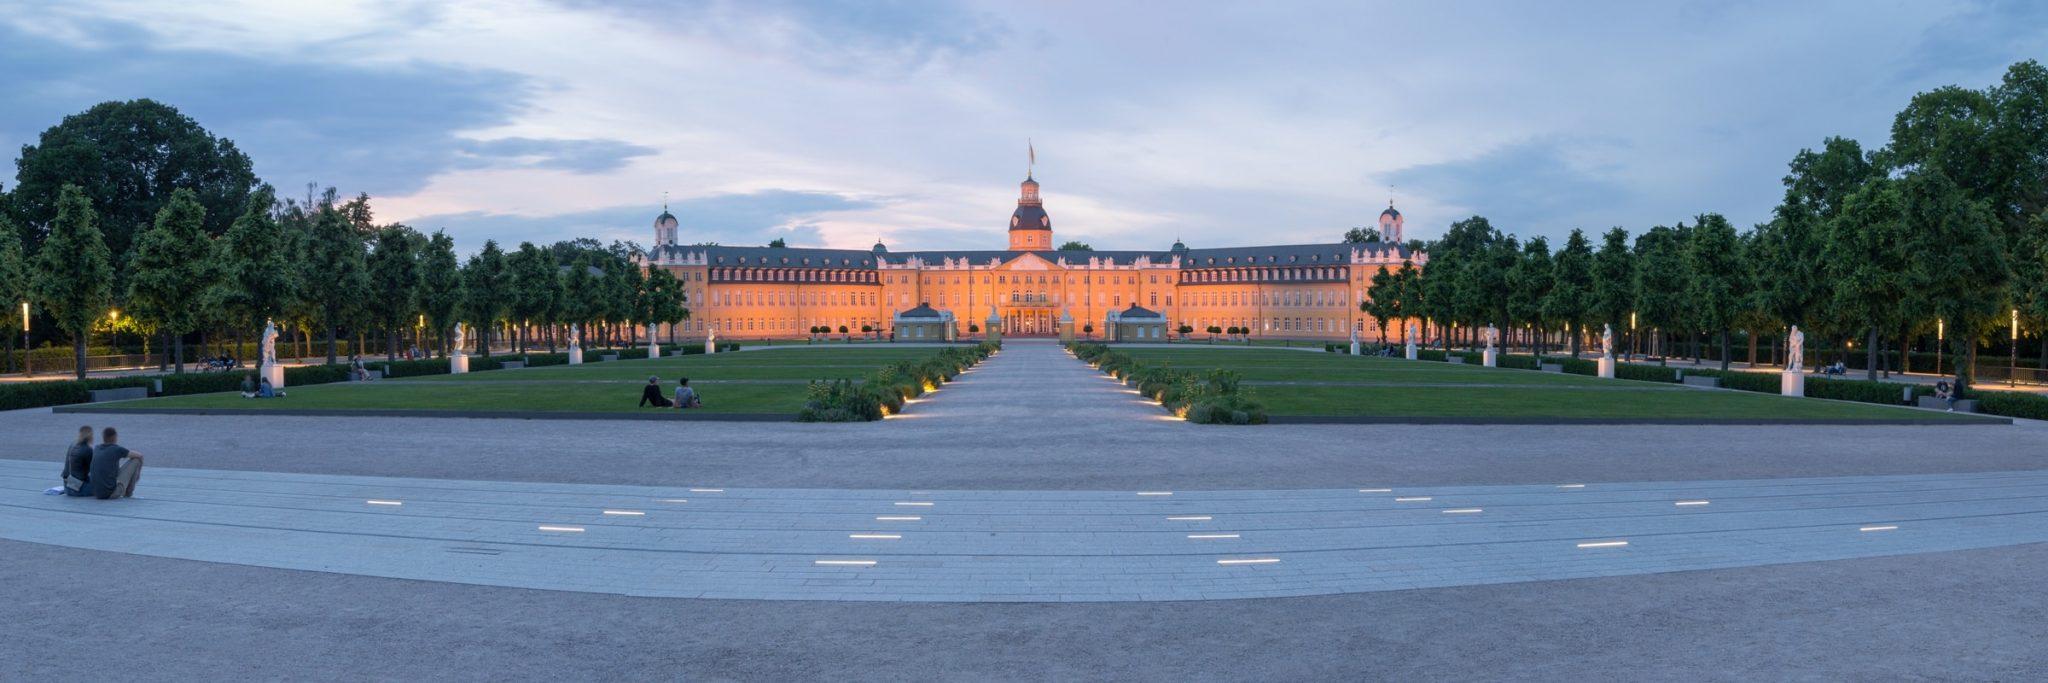 Karlsruher Schloss und Park im Abendlicht